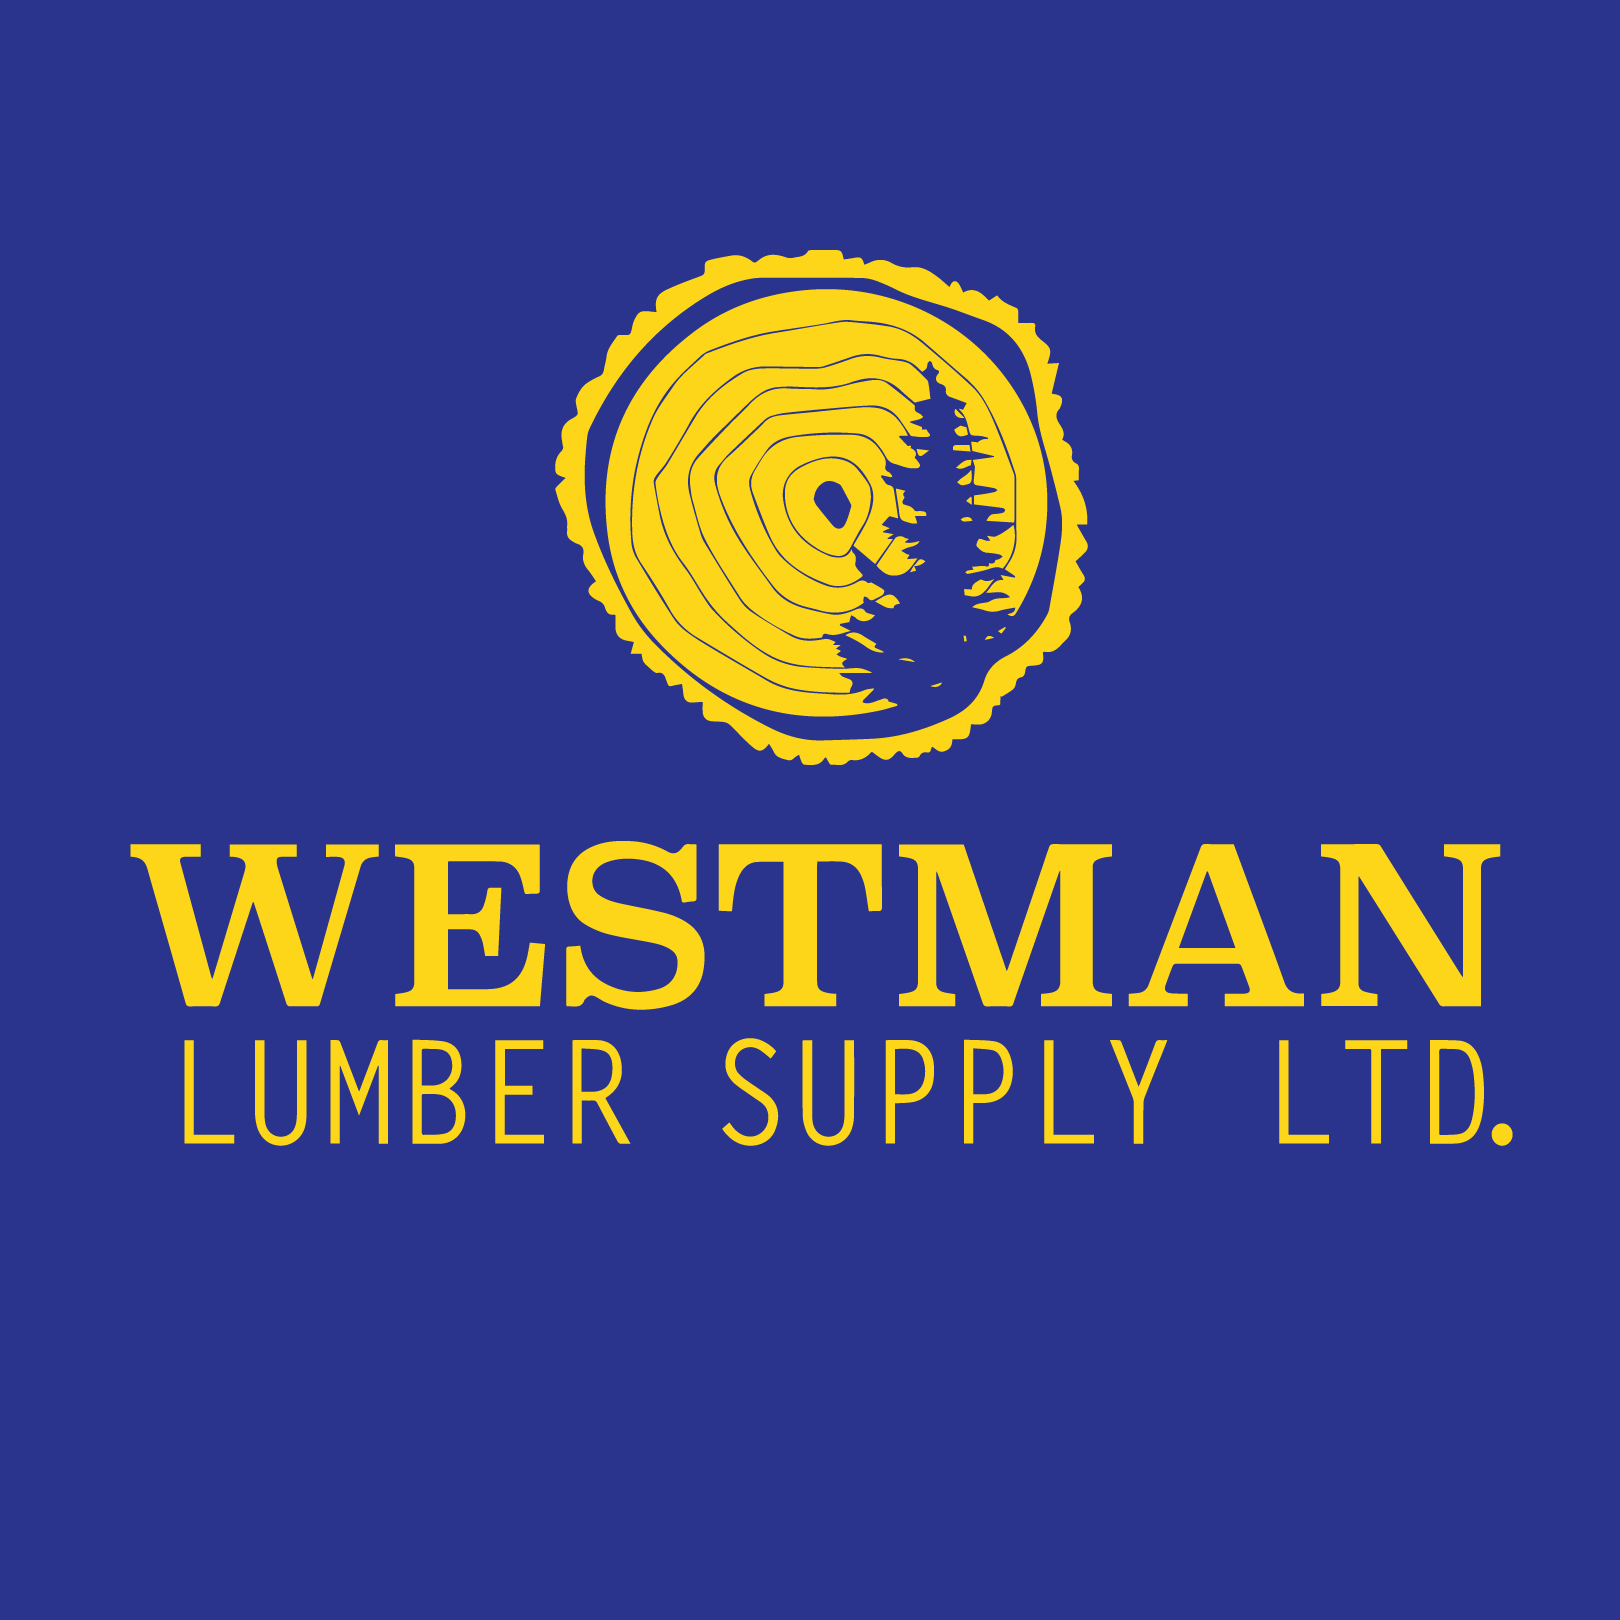 westman lumber logo square